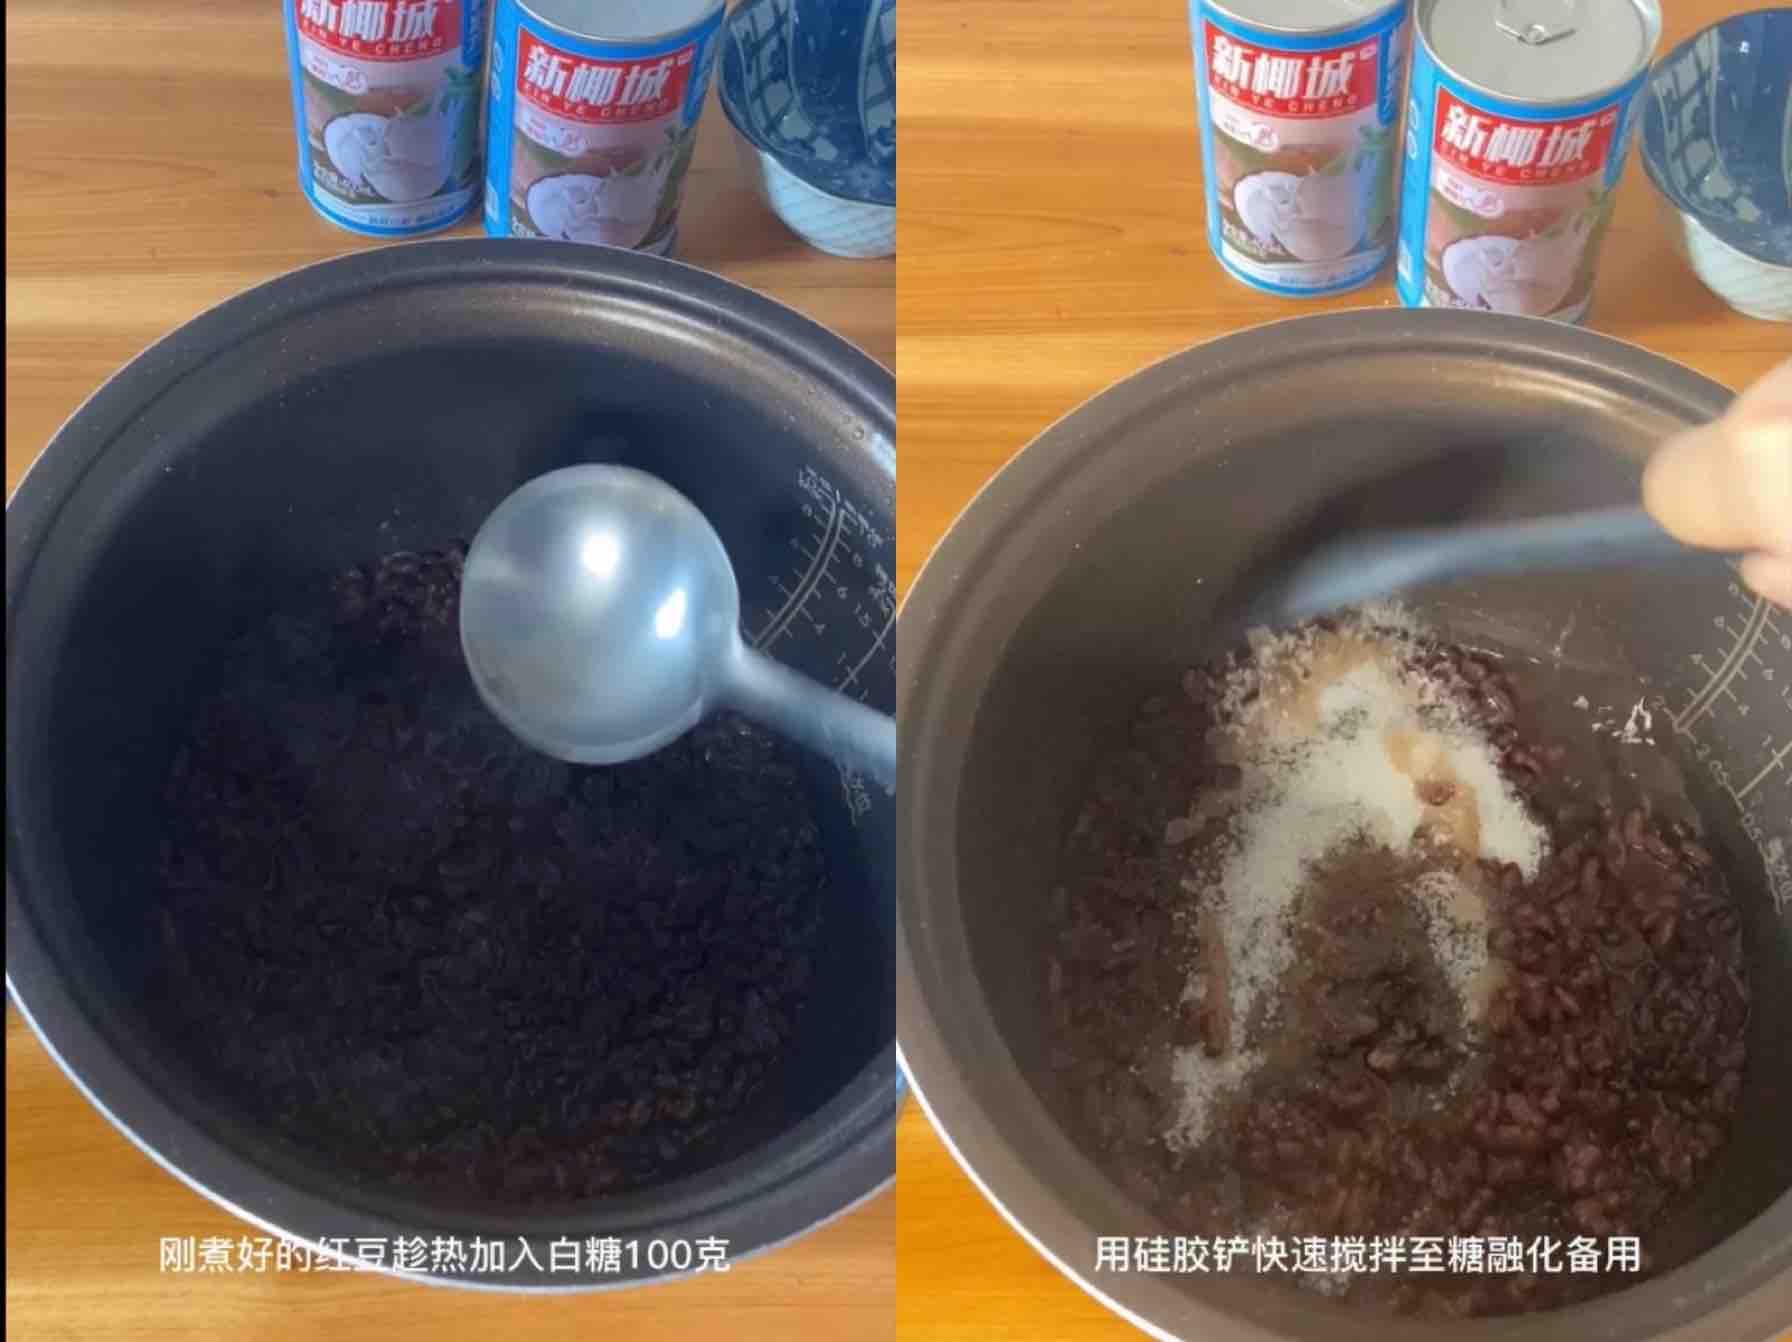 会拉丝椰香满满的红豆燕麦椰糕的步骤